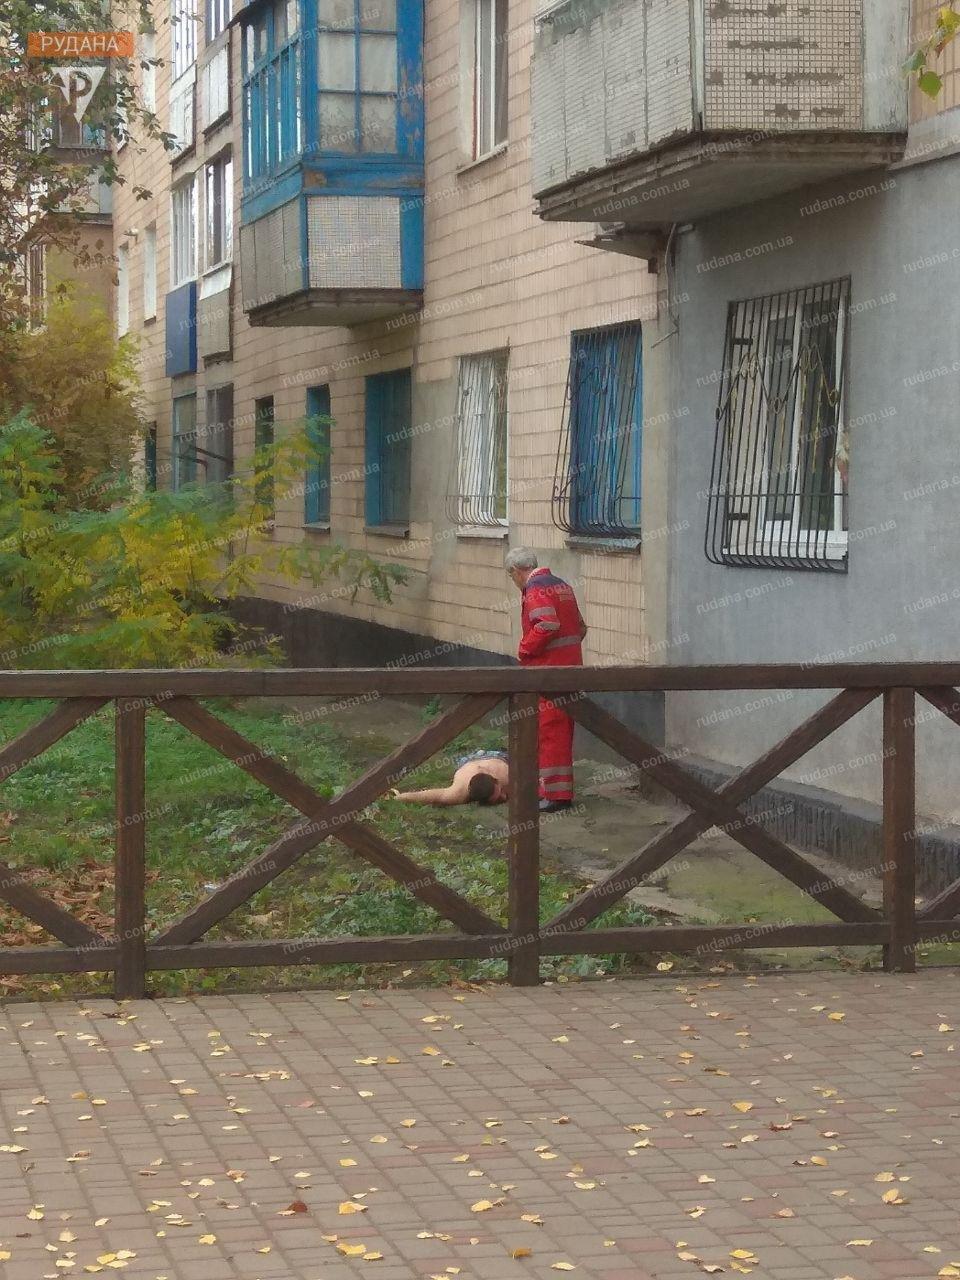 В Кривом Роге обнаженный мужчина выпал из окна, - ФОТО 18+, фото-8